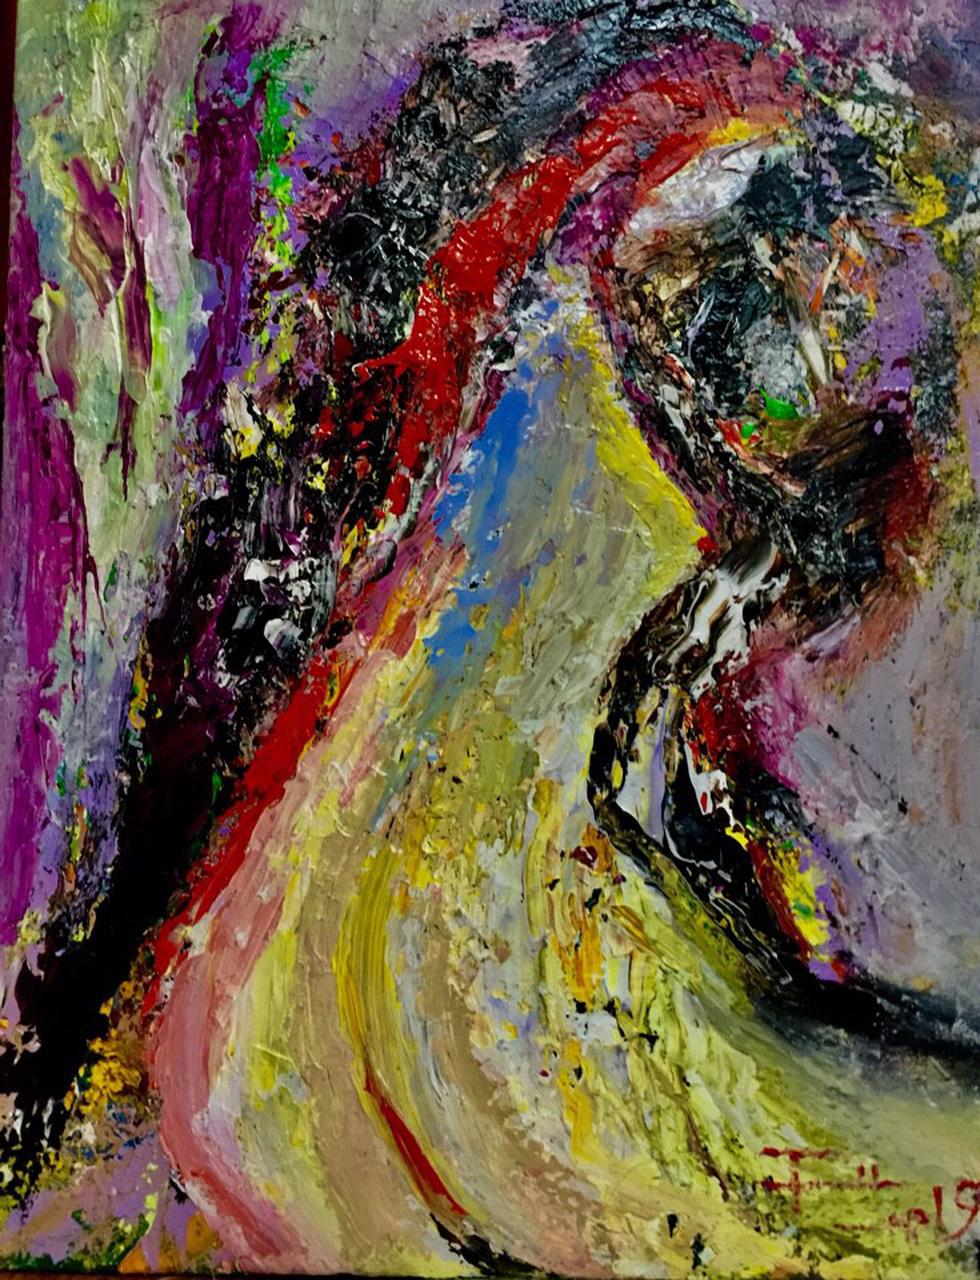 Lần đầu tiên dự án nghệ thuật khép kín: triển lãm nude Trang - Ảnh 4.